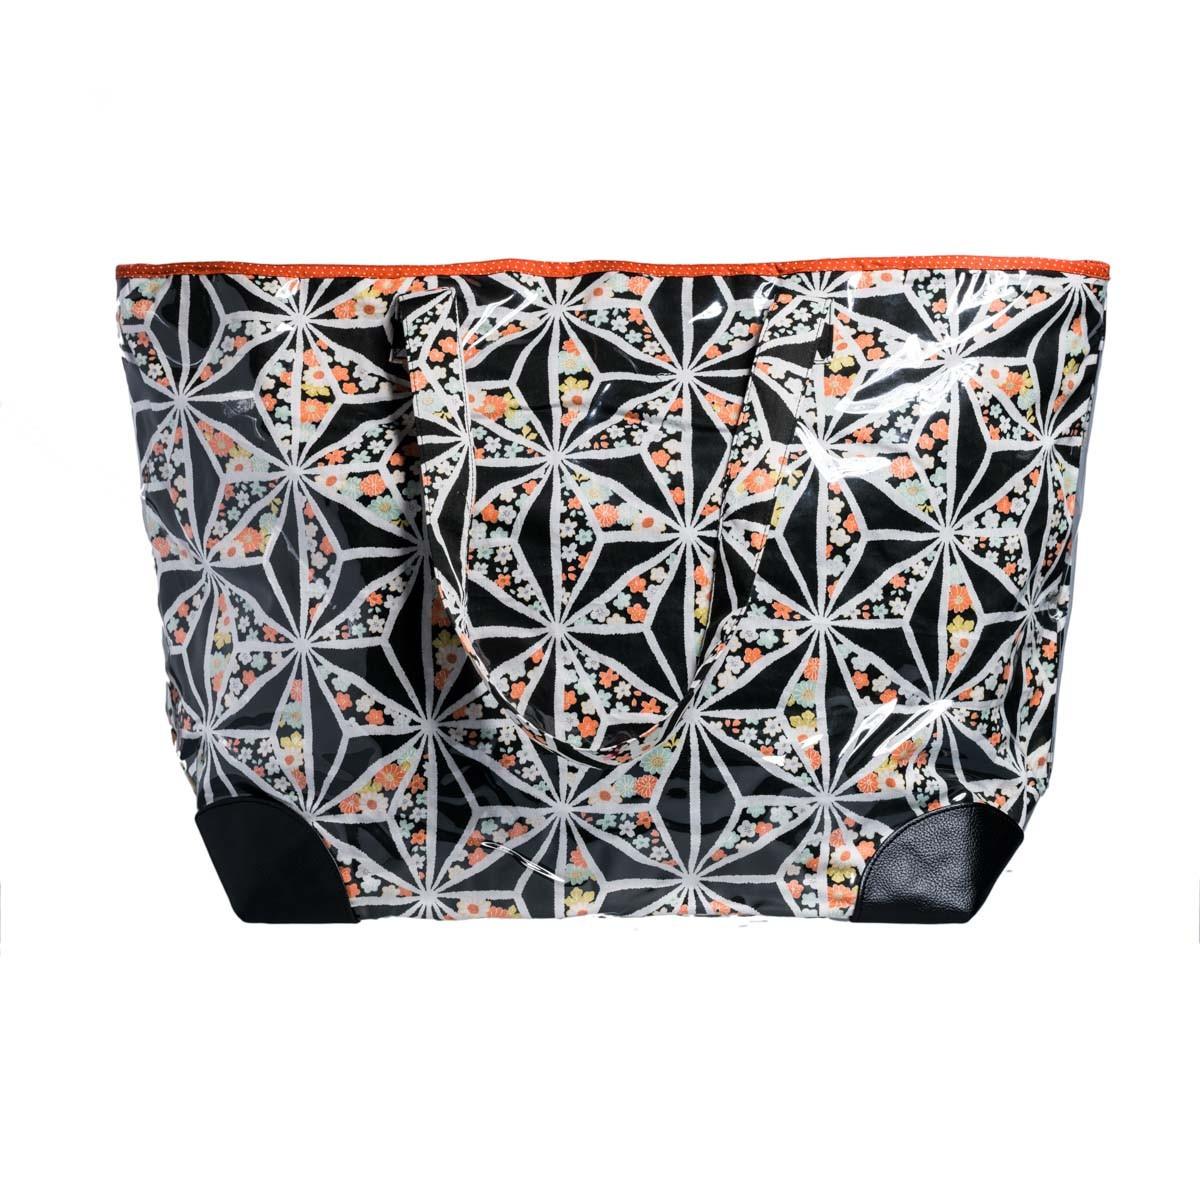 Grand sac cabas tissu original noir et orange